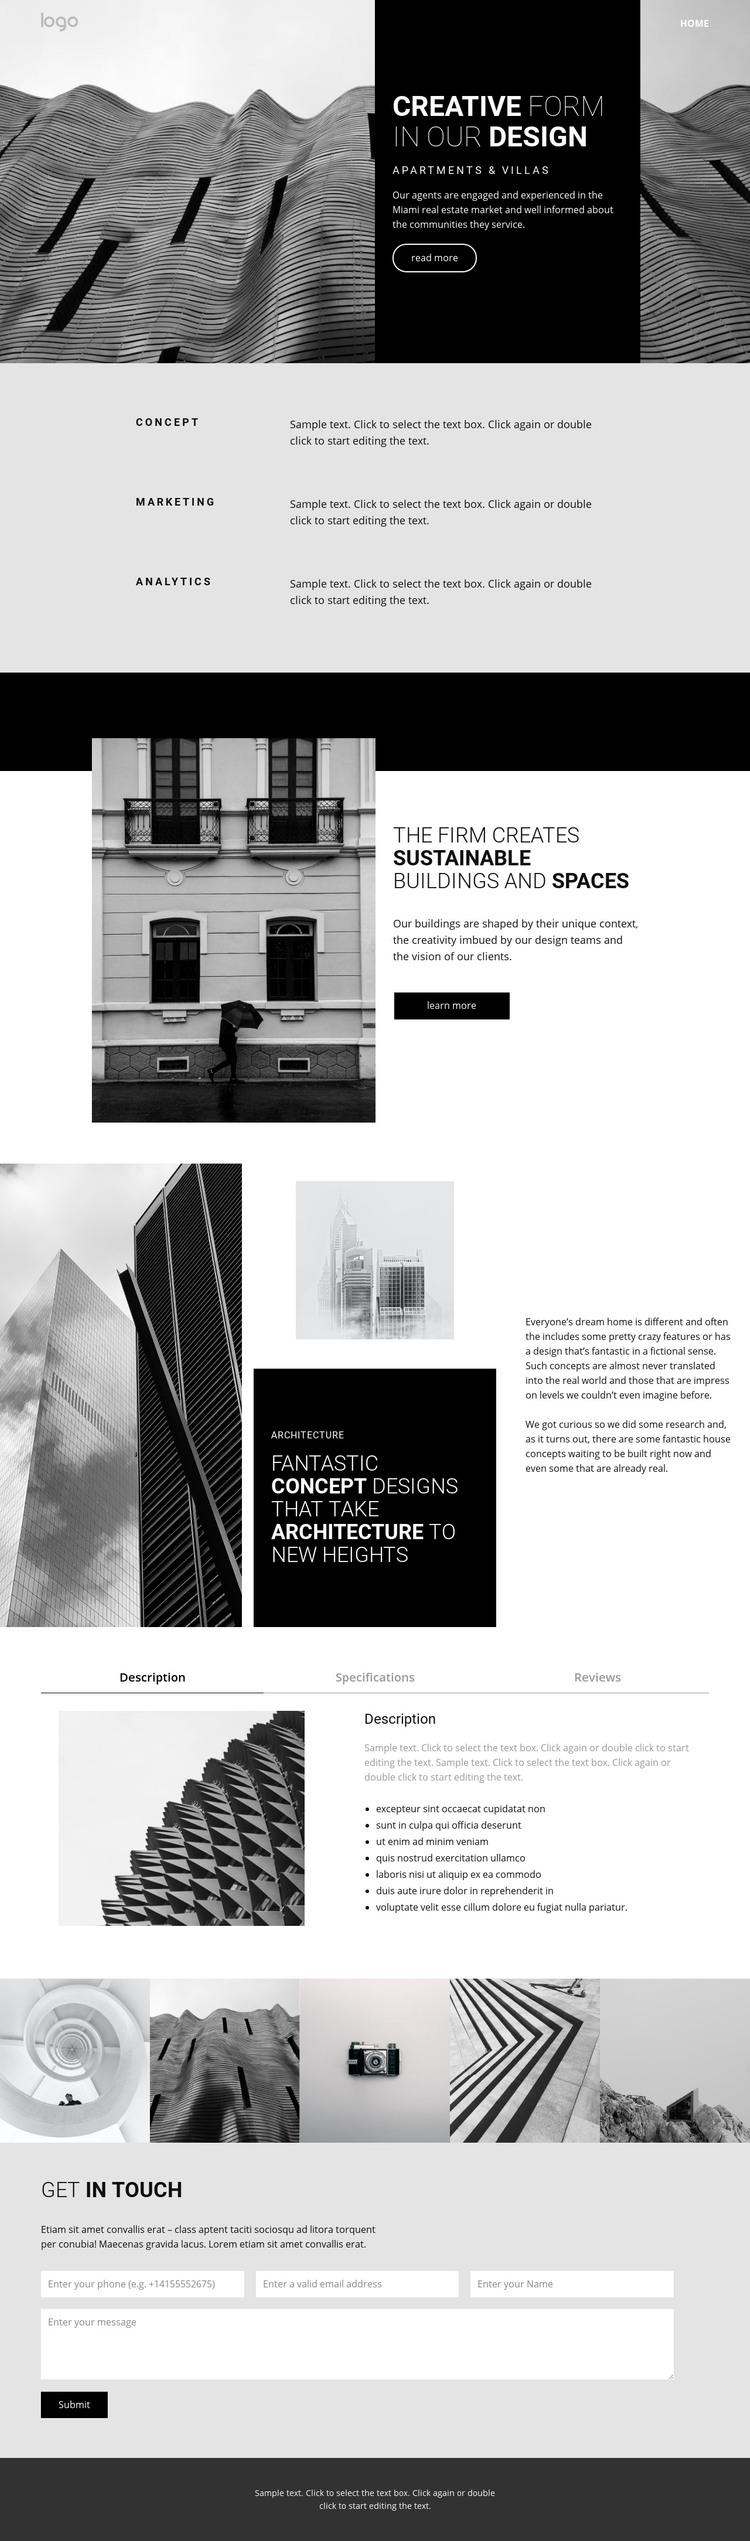 Creative concept architecture Homepage Design